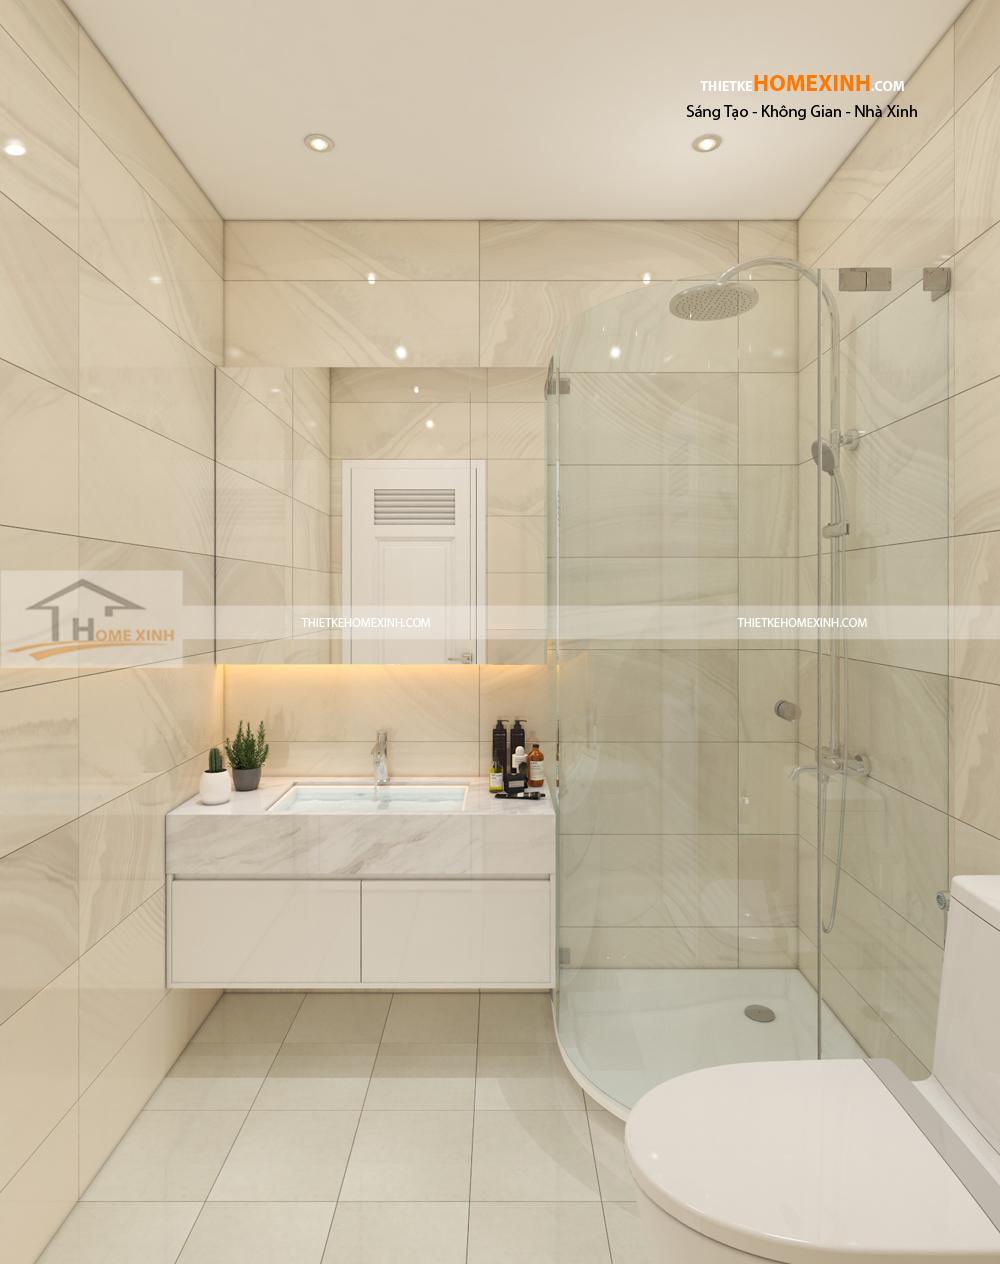 Thiết kế nội thất biệt thự phòng tắm đơn giản